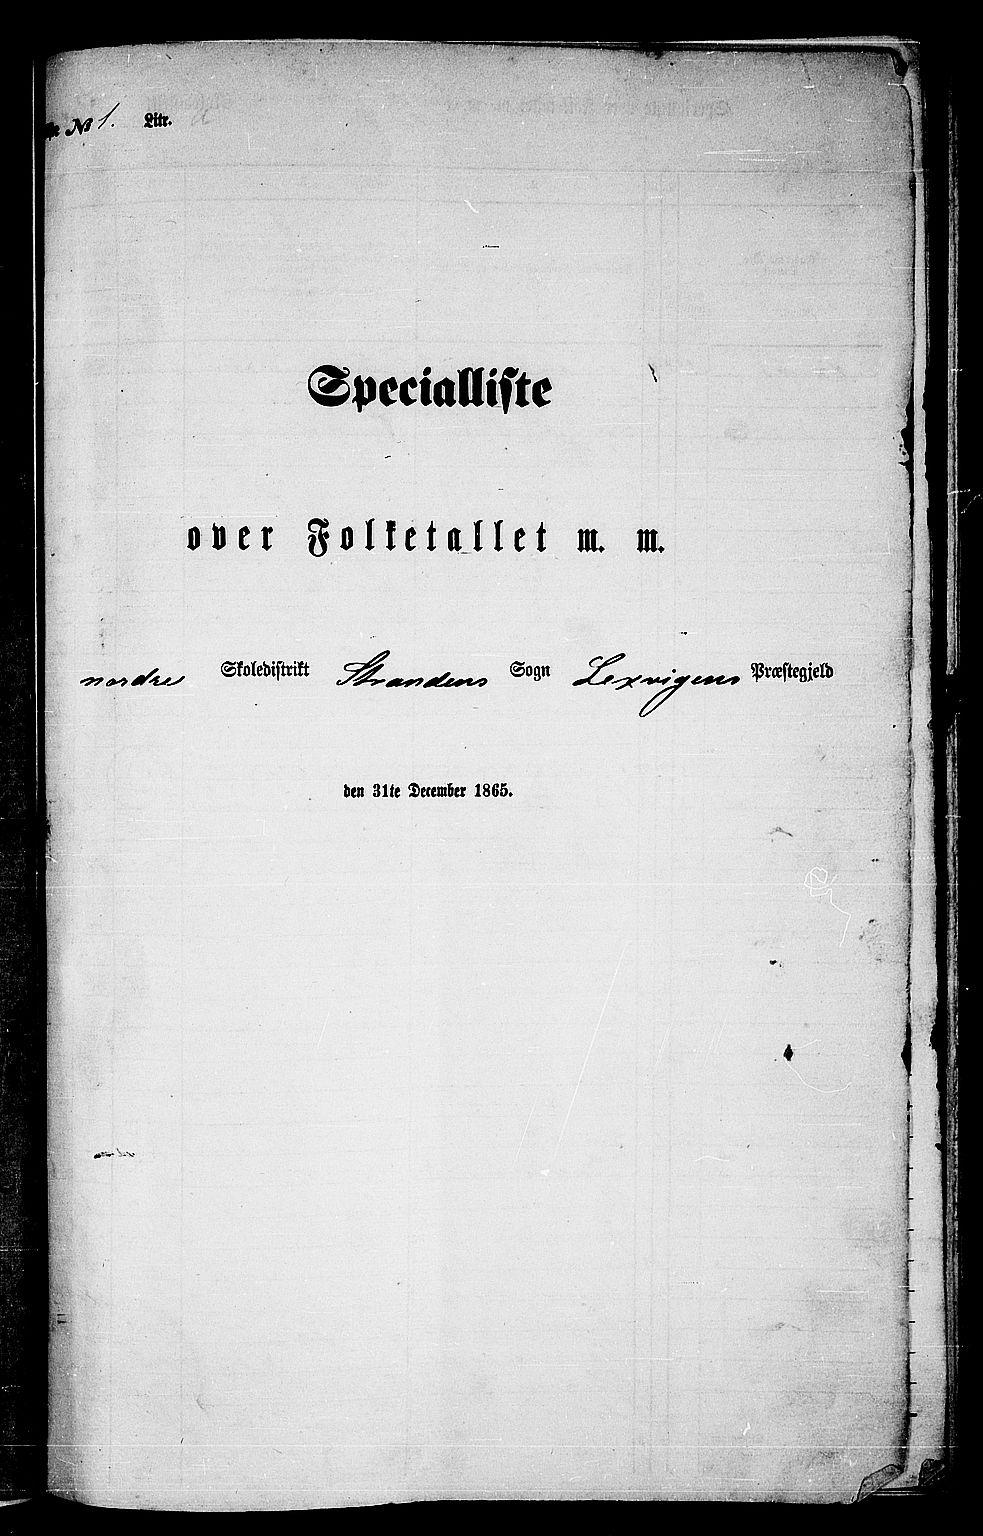 RA, Folketelling 1865 for 1718P Leksvik prestegjeld, 1865, s. 11